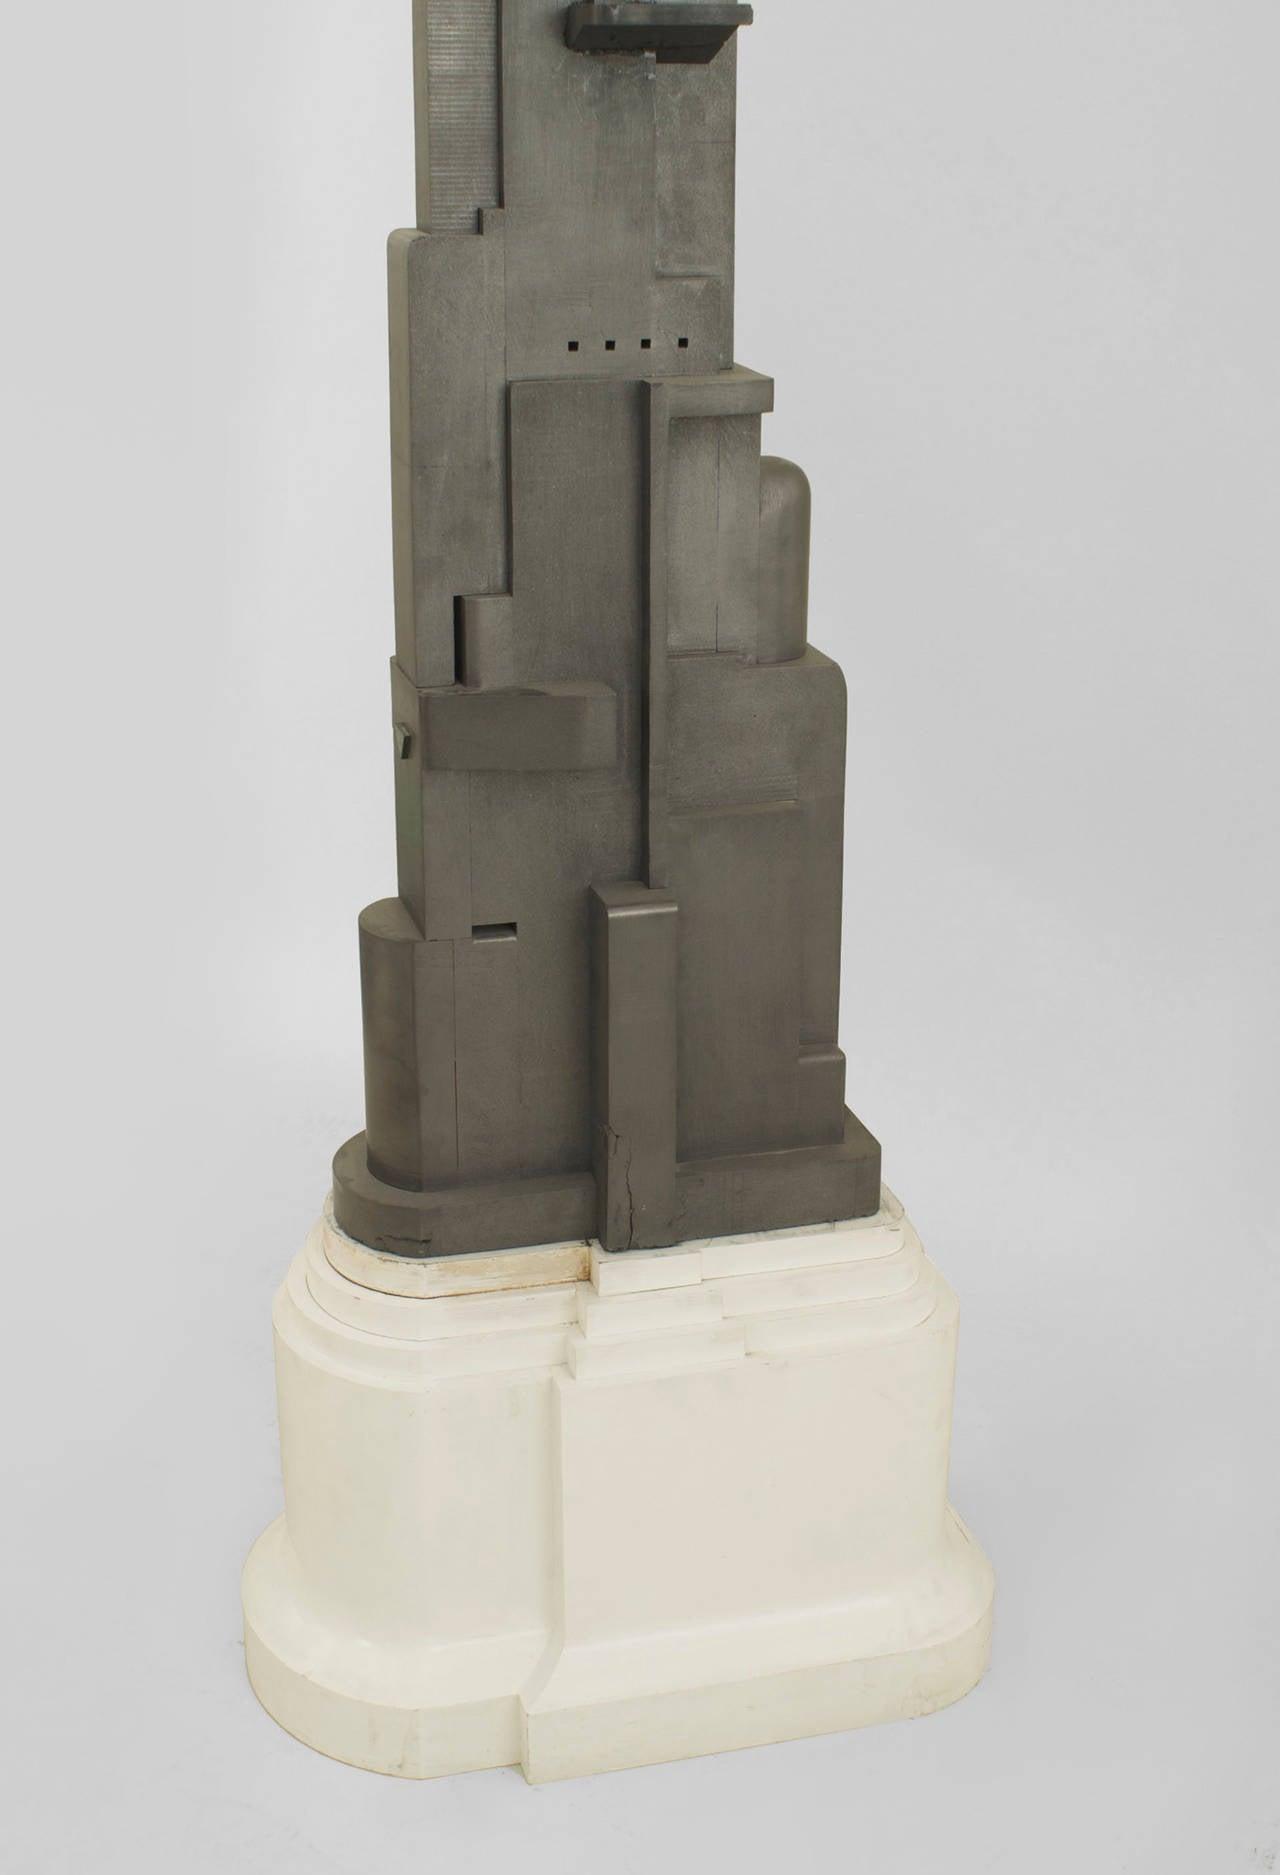 American Art Moderne aluminum model